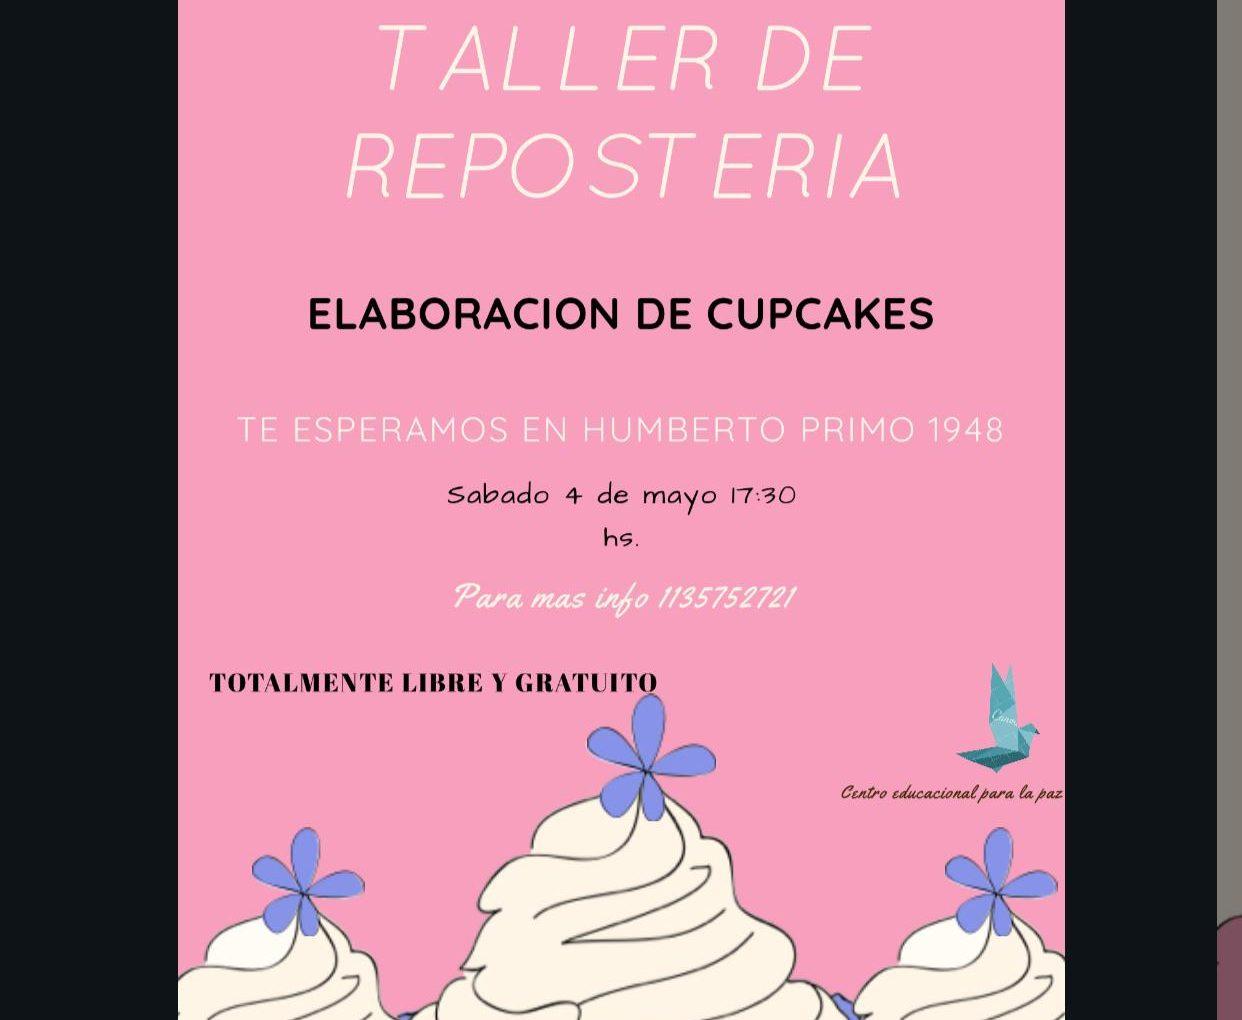 TALLER DE REPOSTERÍA